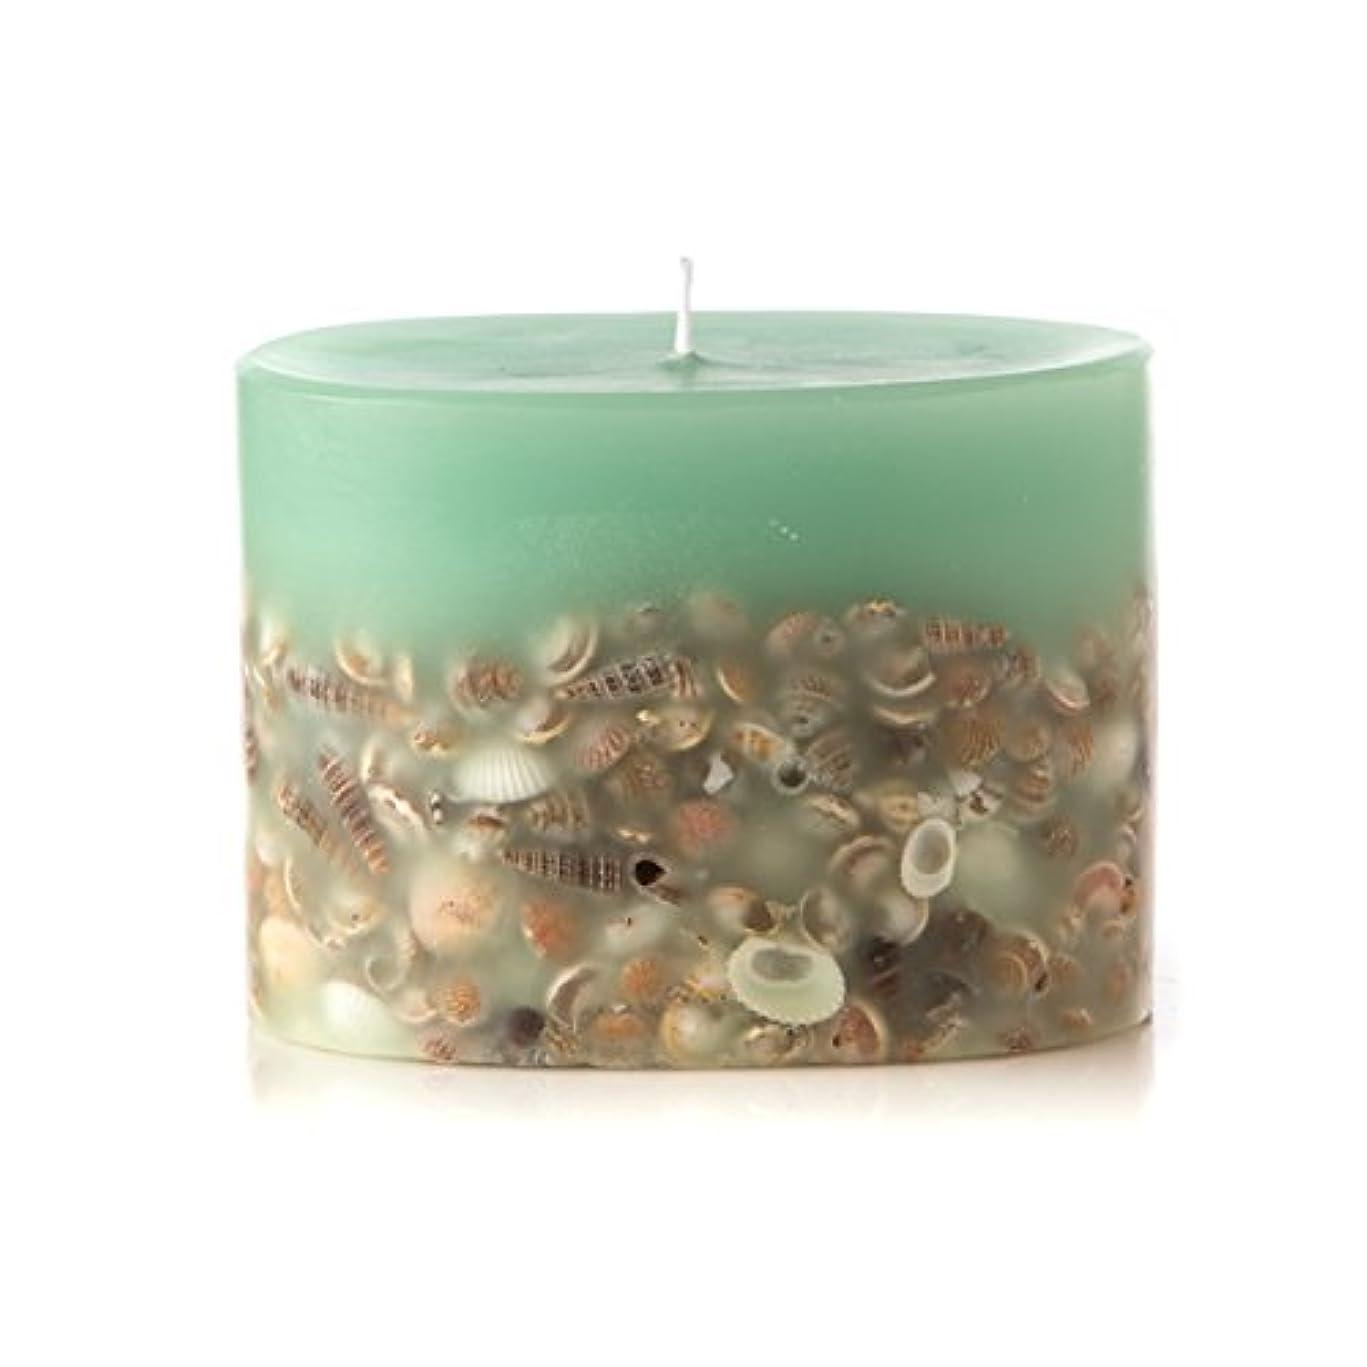 打倒嬉しいですリマロージーリングス プティボタニカルキャンドル シーグラス ROSY RINGS Petite Oval Botanical Candle Sea Glass